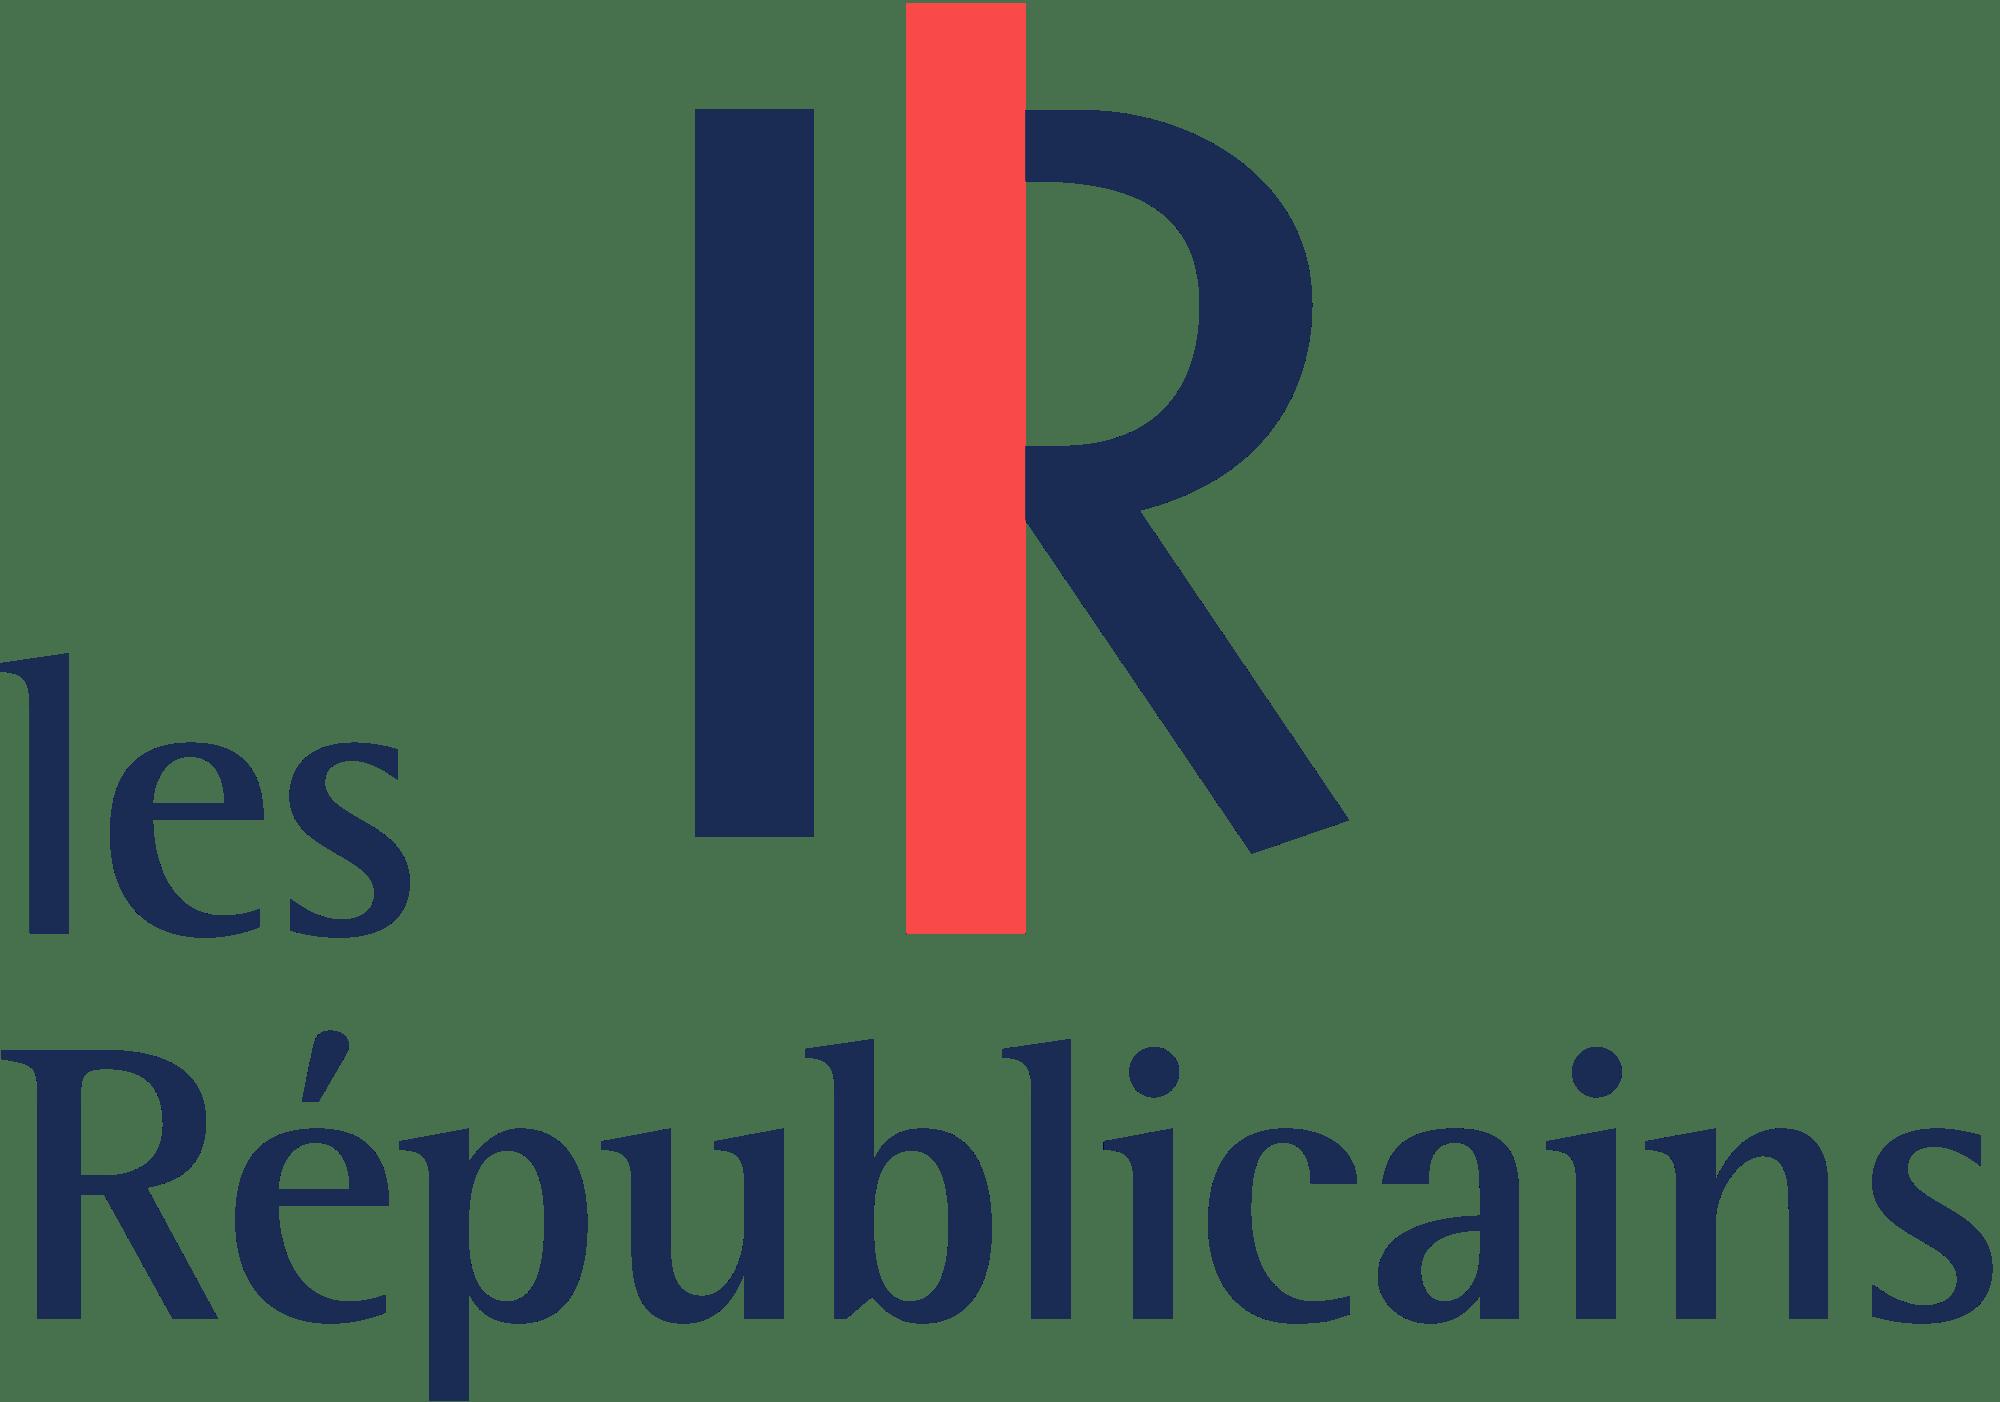 Les élus LR demandent à Emmanuel Macron d'autoriser l'exercice du culte pendant le confinement